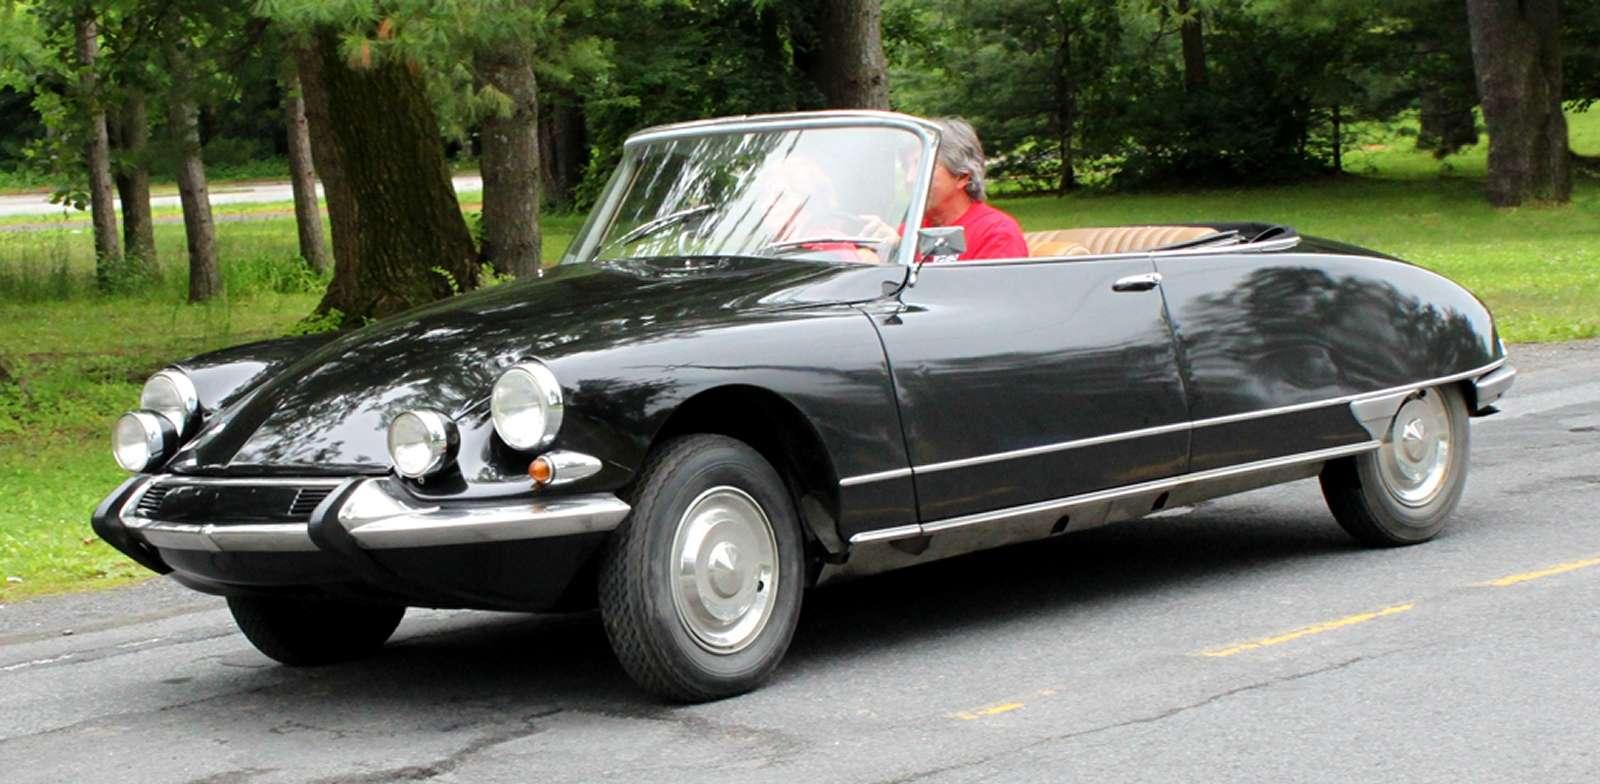 citro n ds21 cabriolet sport car. Black Bedroom Furniture Sets. Home Design Ideas